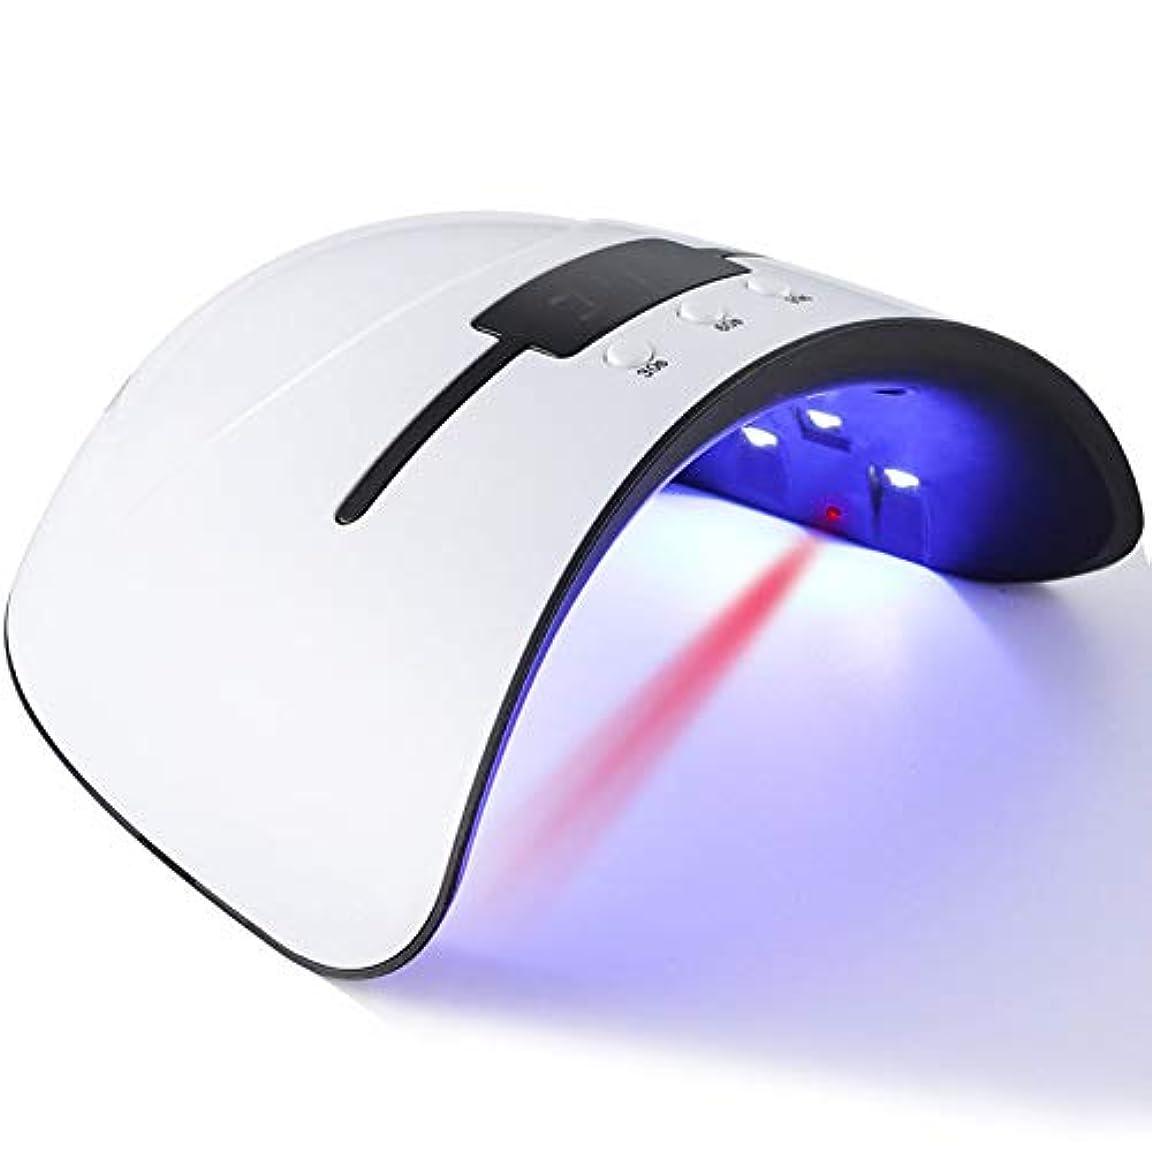 上に影想起硬化ライト ネイルlight ジェルネイル LED ネイルドライヤー 日本語説明書付属 36W 無痛硬化 赤外線検知